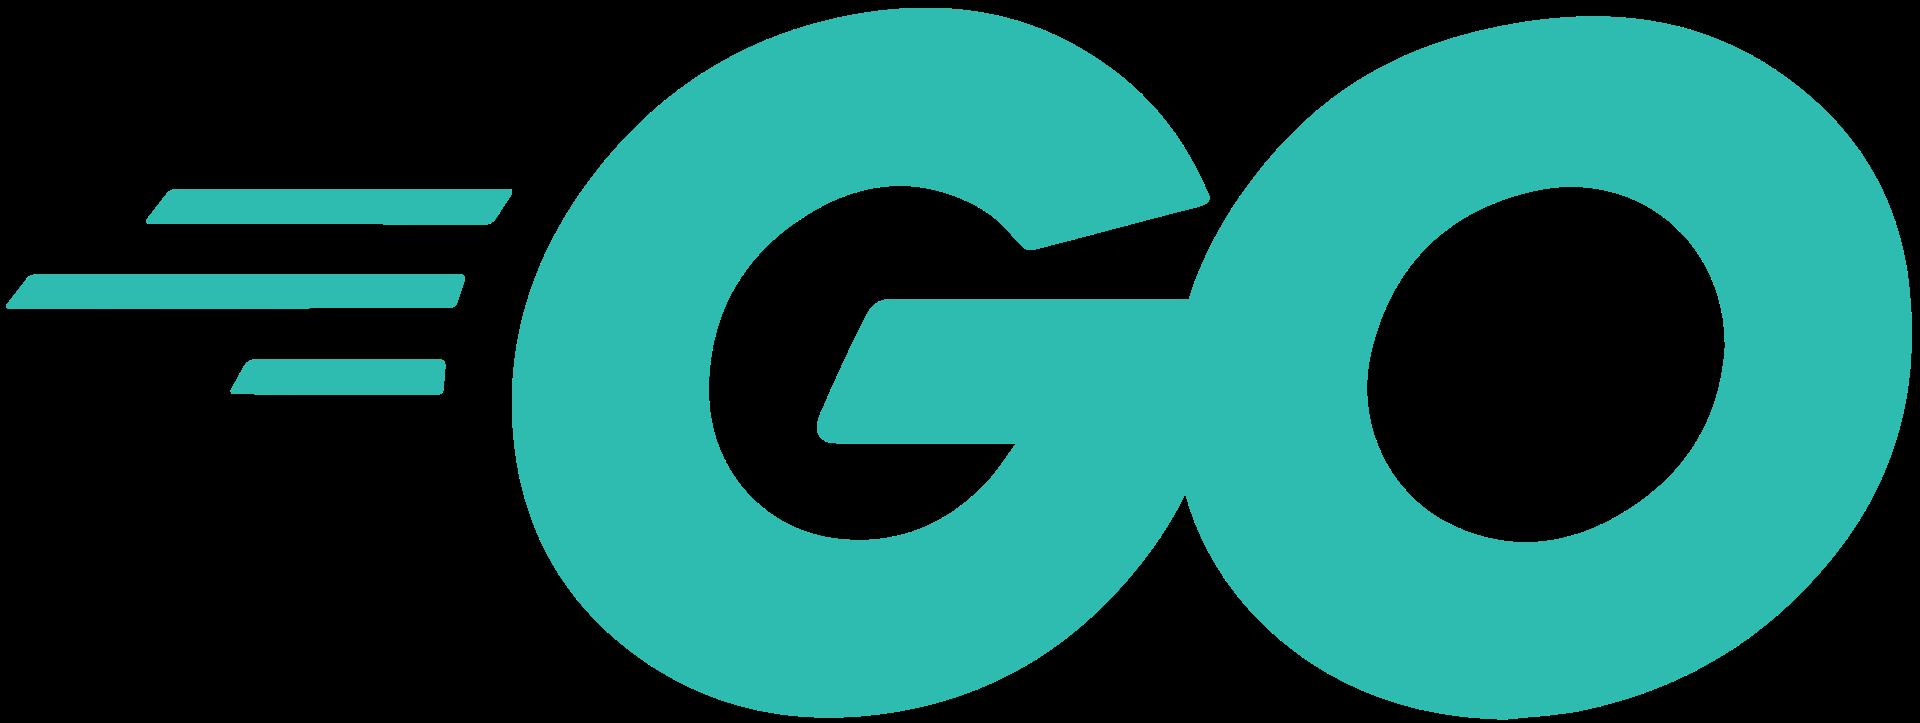 【版本更新】Go 探针正式上线 OneAPM 新闻 第1张